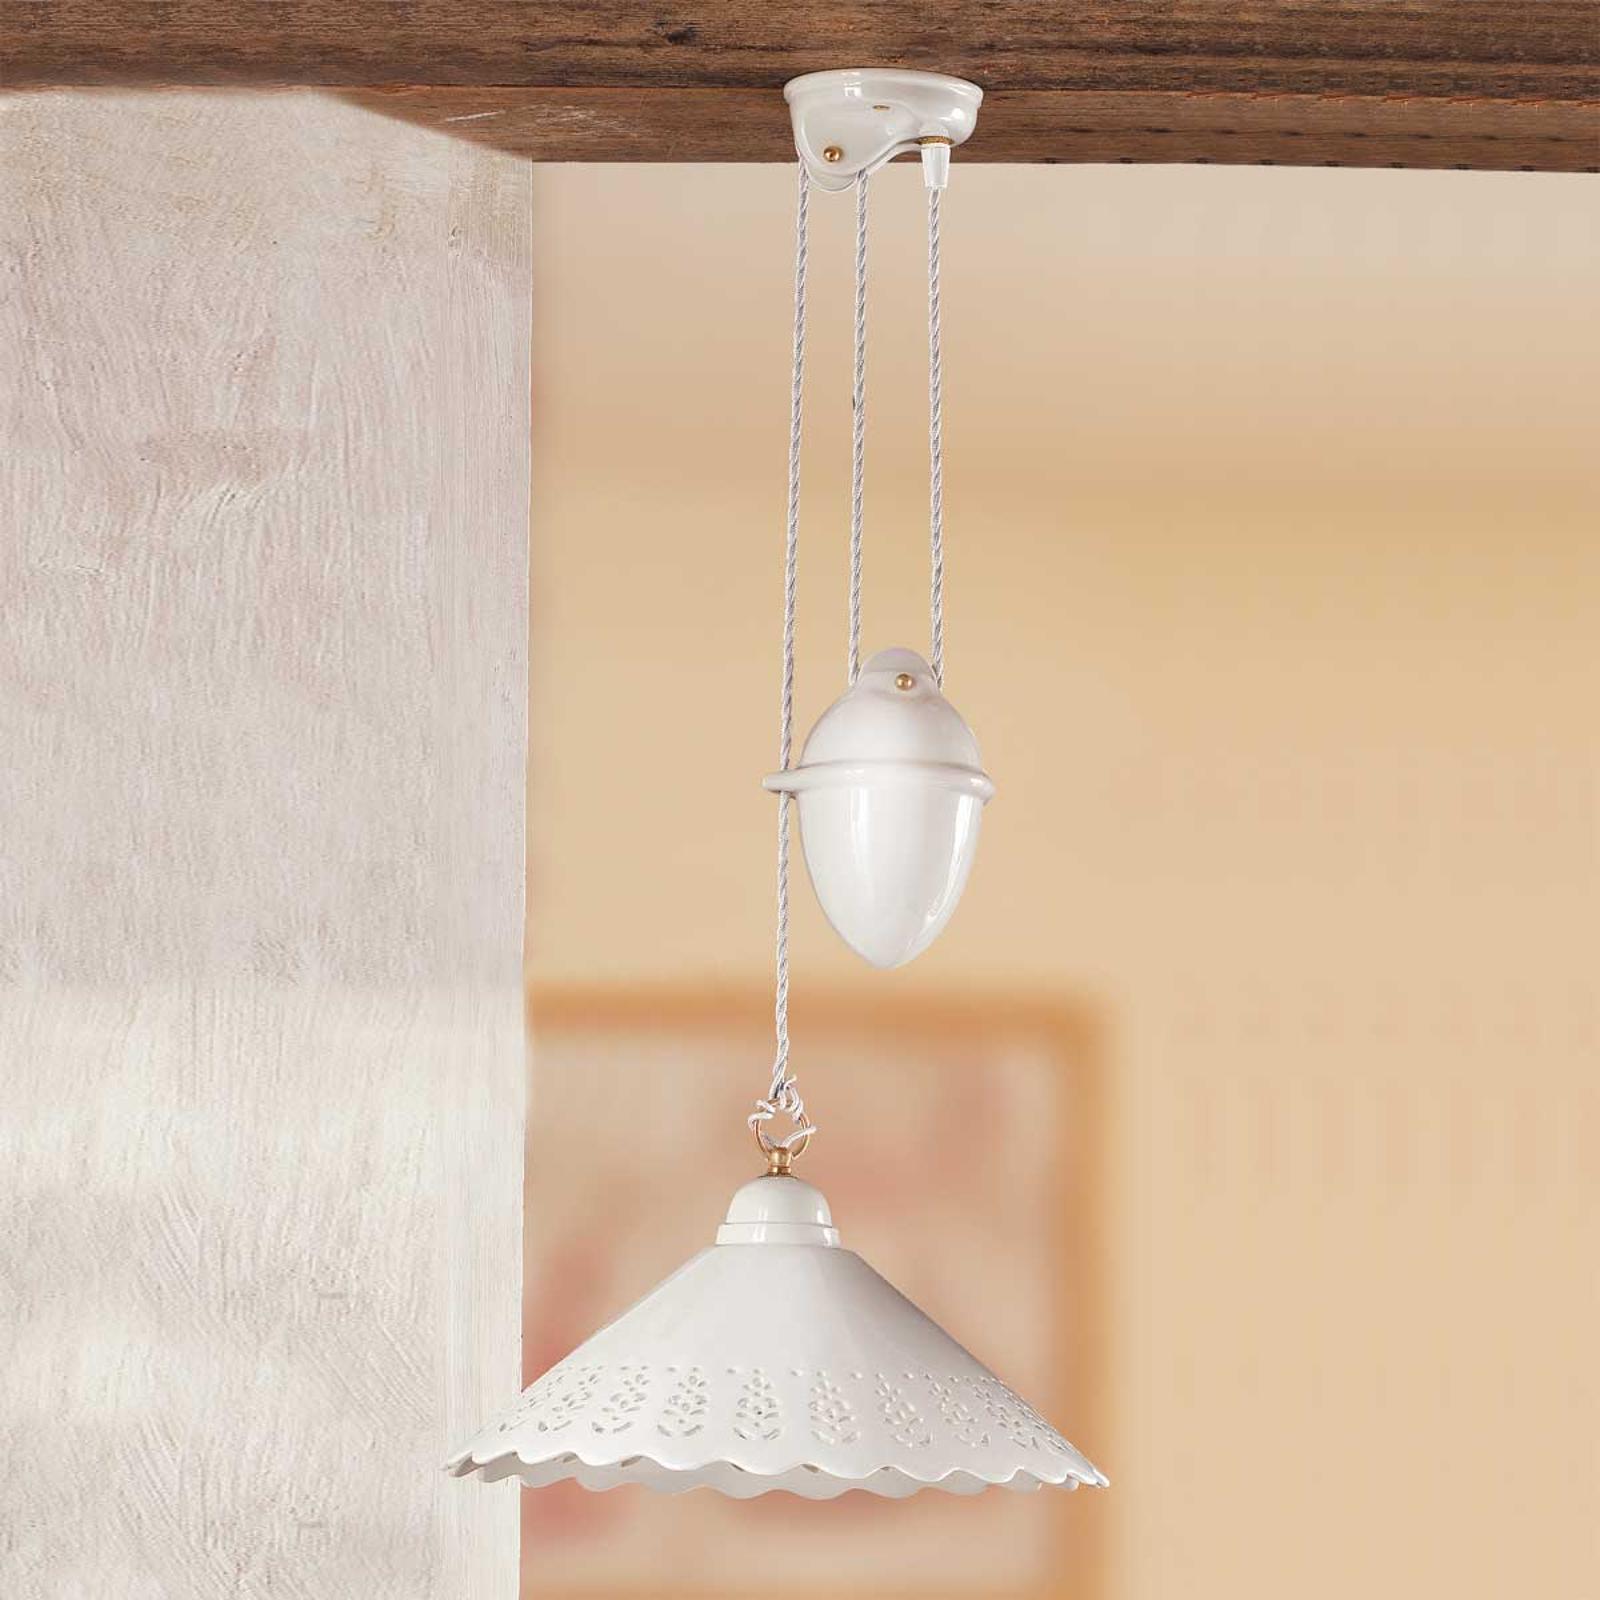 Lámpara colgante Pizzo, mecanismo rotatorio, 1 luz